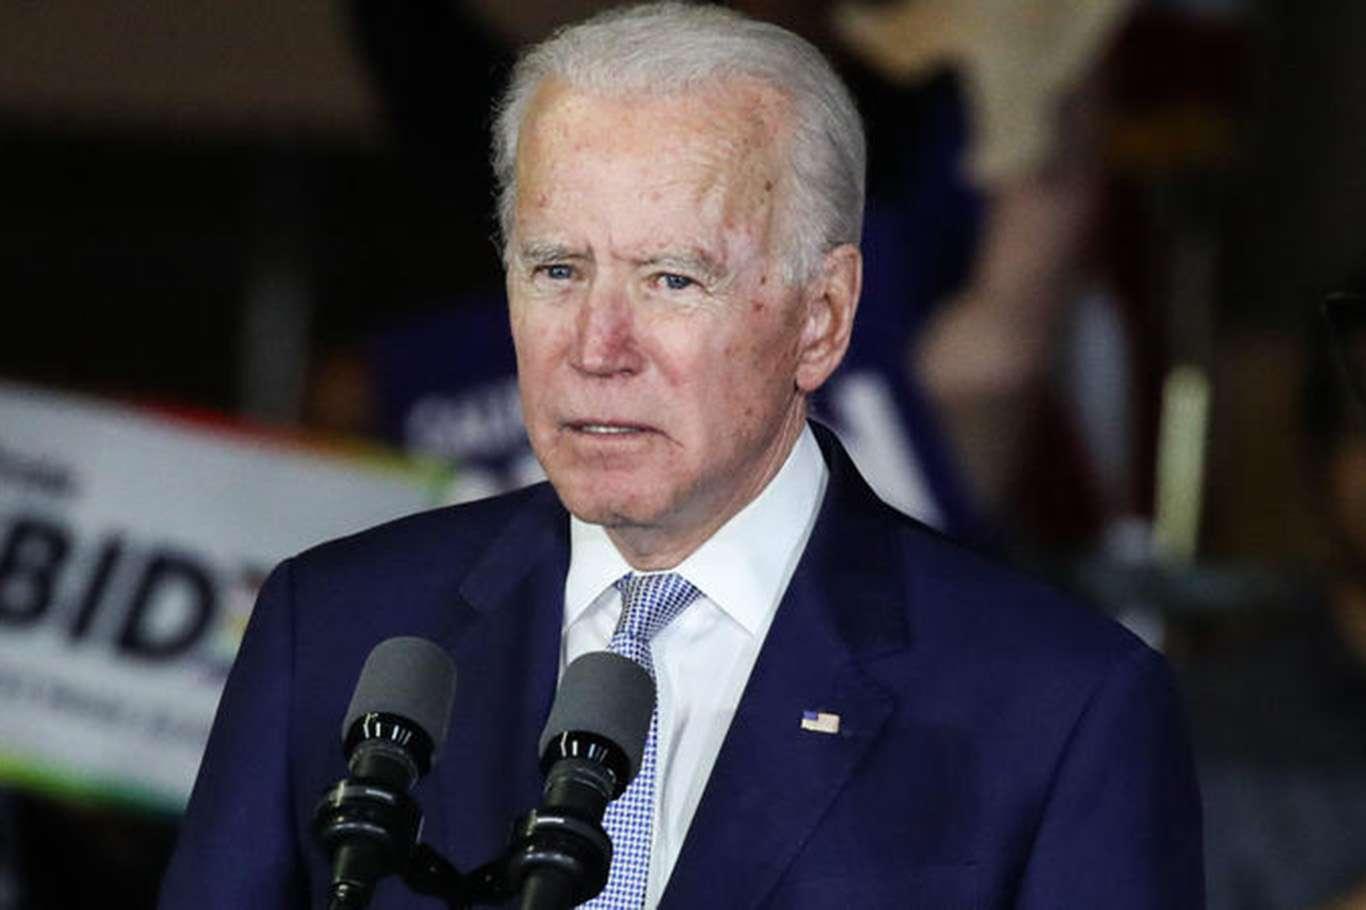 Abd'nin Çiçeği Burnunda Başkanı Biden Nükleer Yaptırımlar Hakkında Konuştu